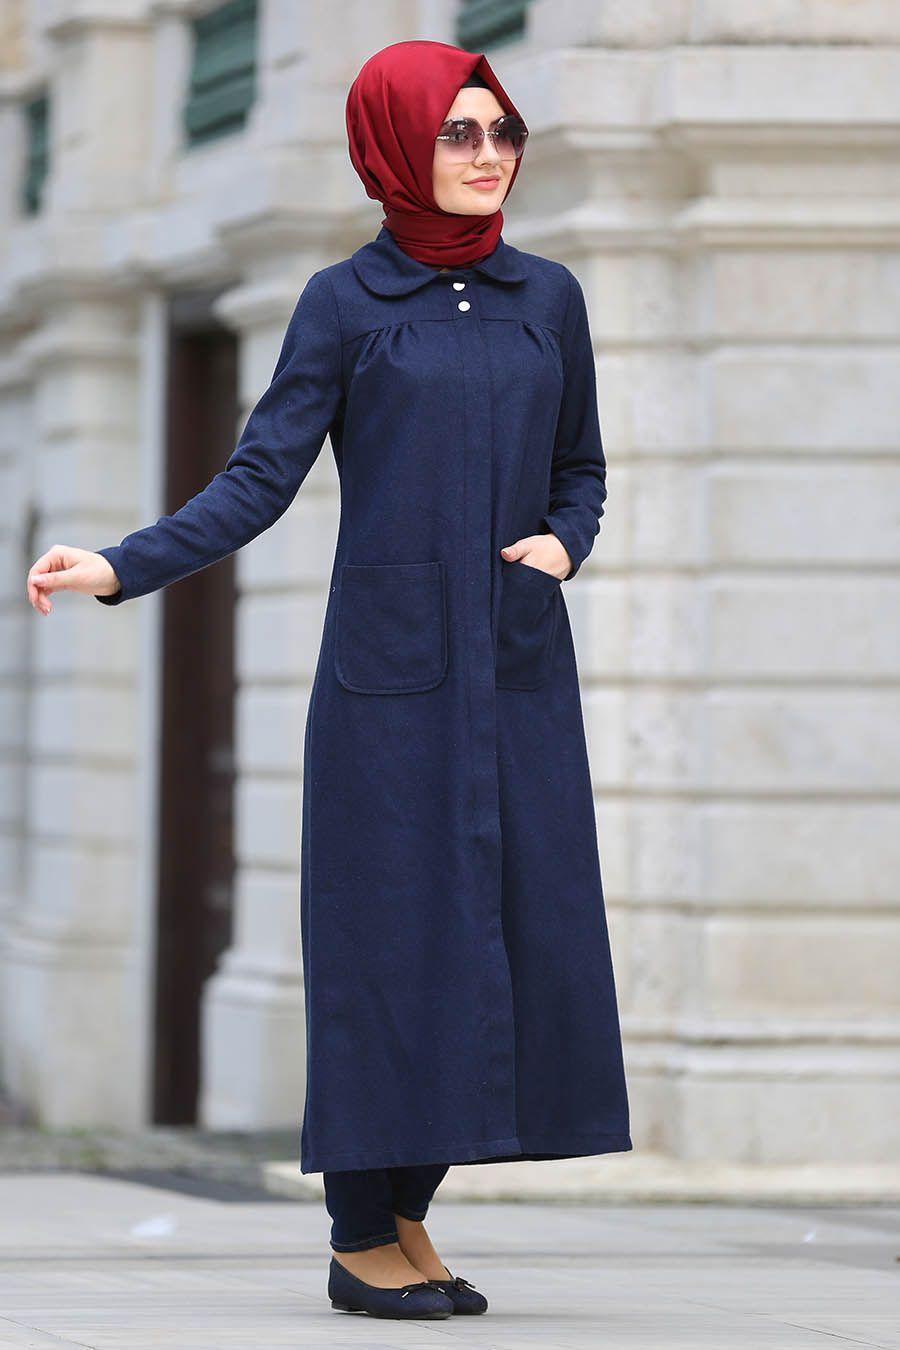 2019-2019 İlkbahar Yaz: Tuğba Tesettür Yazlık Tunik Modelleri